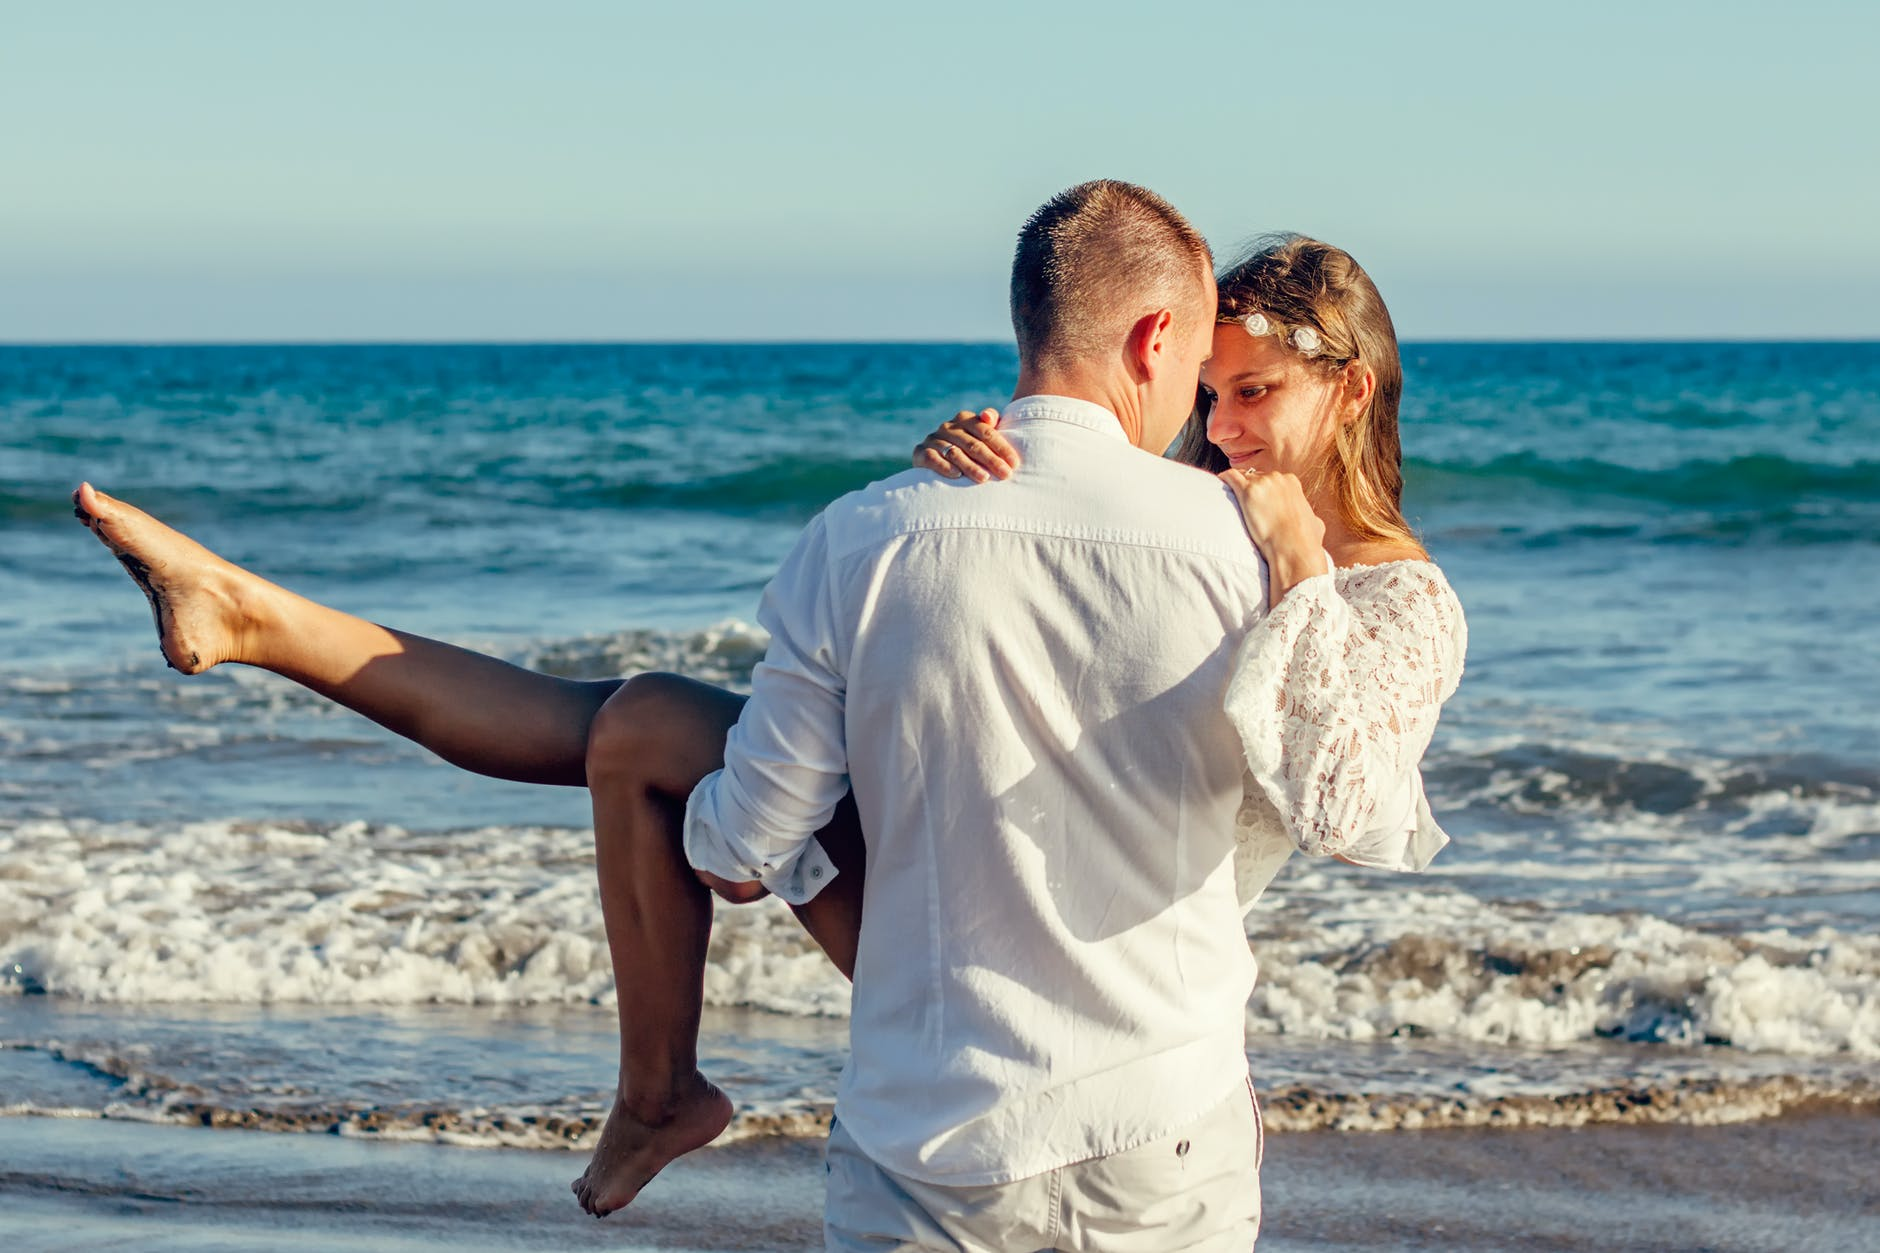 Selain Lebih Bahagia, Inilah 5 Keuntungan Menikah dengan Sahabat